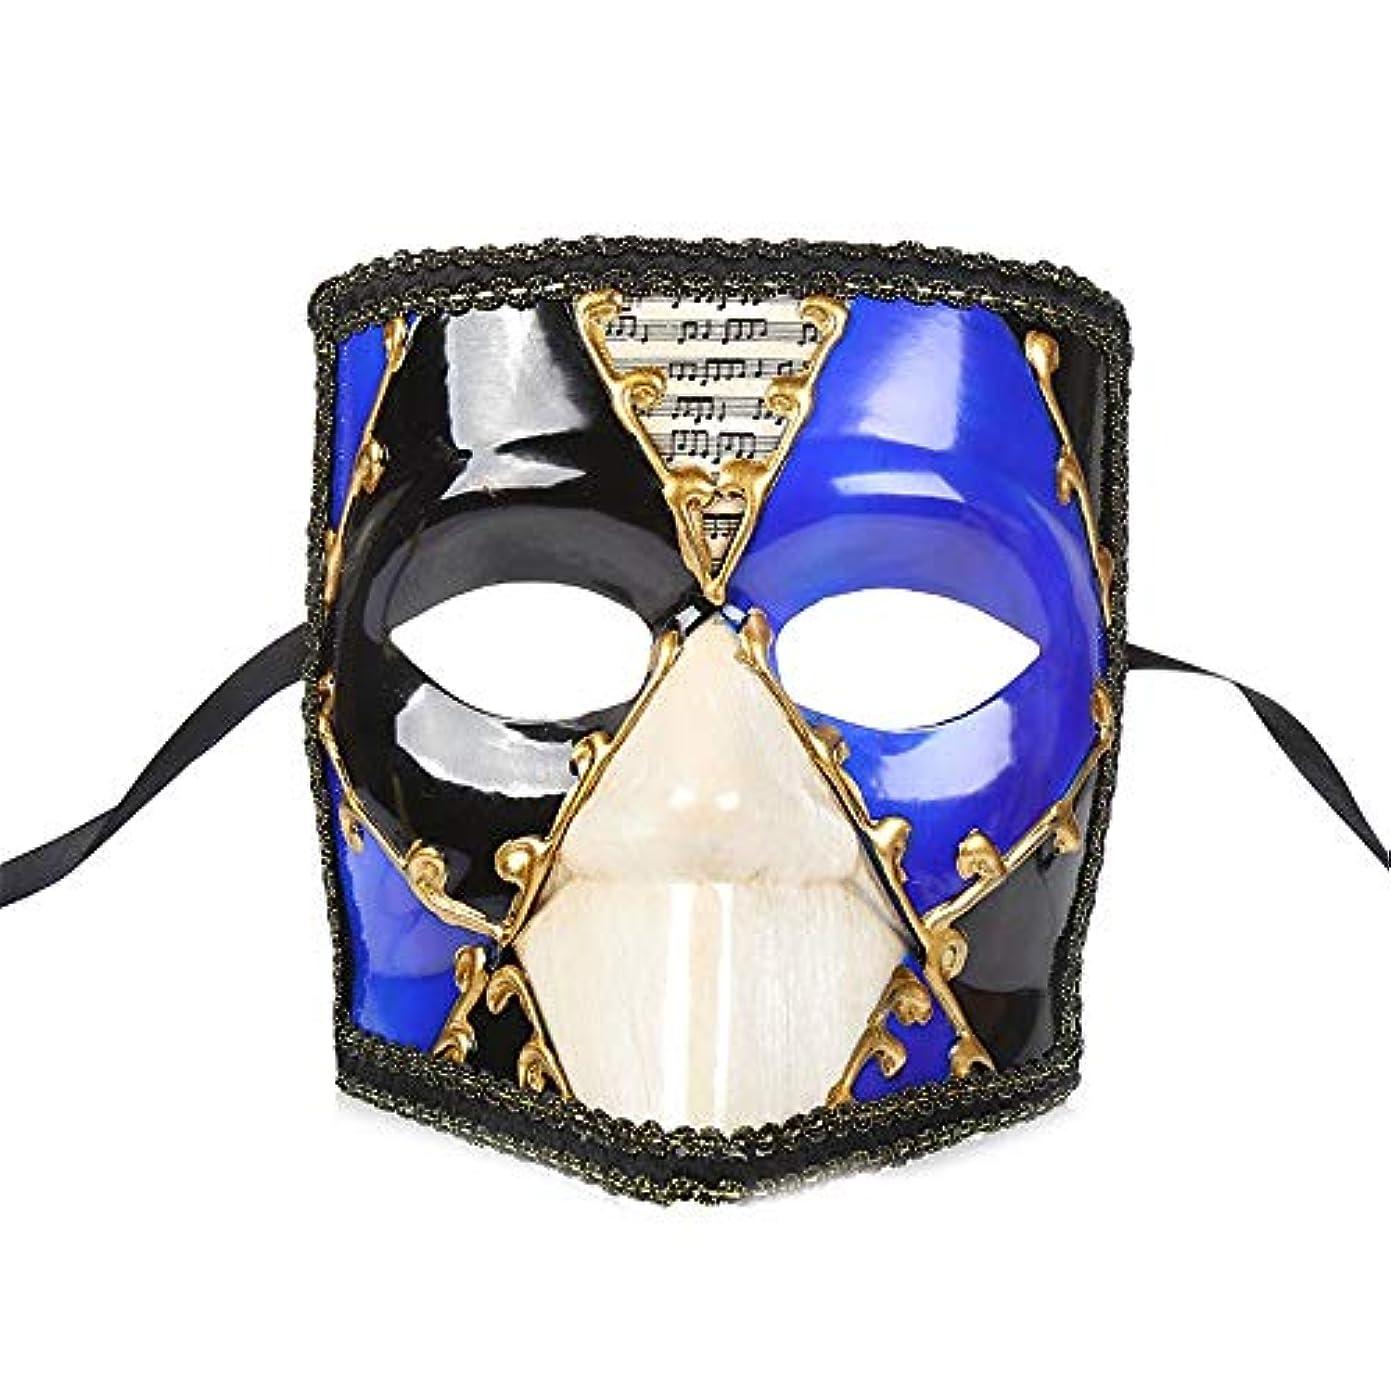 民主党気になる見えるダンスマスク ピエロマスクヴィンテージマスカレードショーデコレーションコスプレナイトクラブプラスチック厚いマスク ホリデーパーティー用品 (色 : 青, サイズ : 18x15cm)